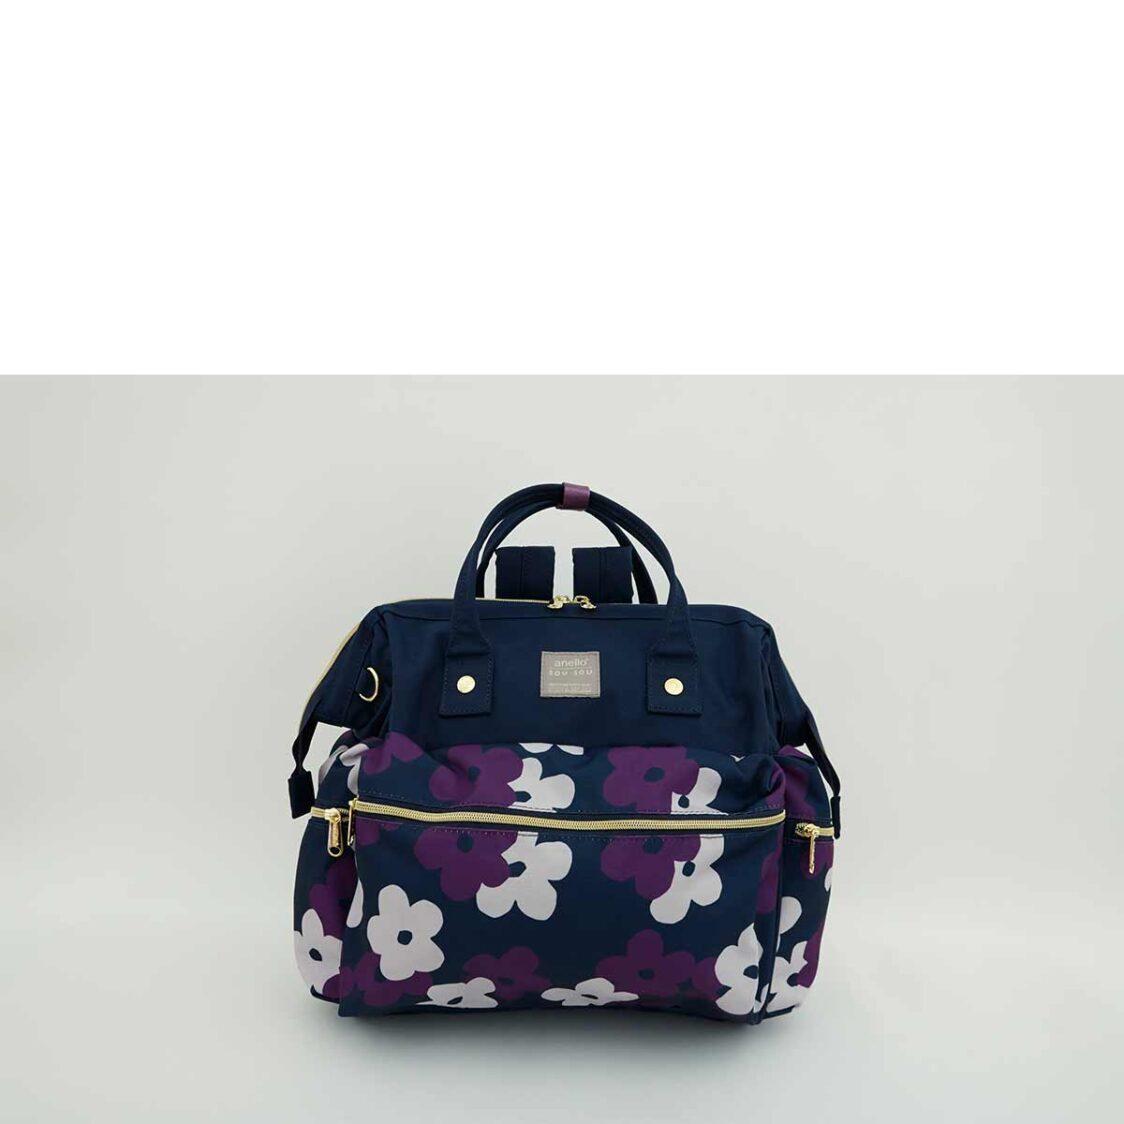 Anello X Sousou 3Way Boston Bag Navy